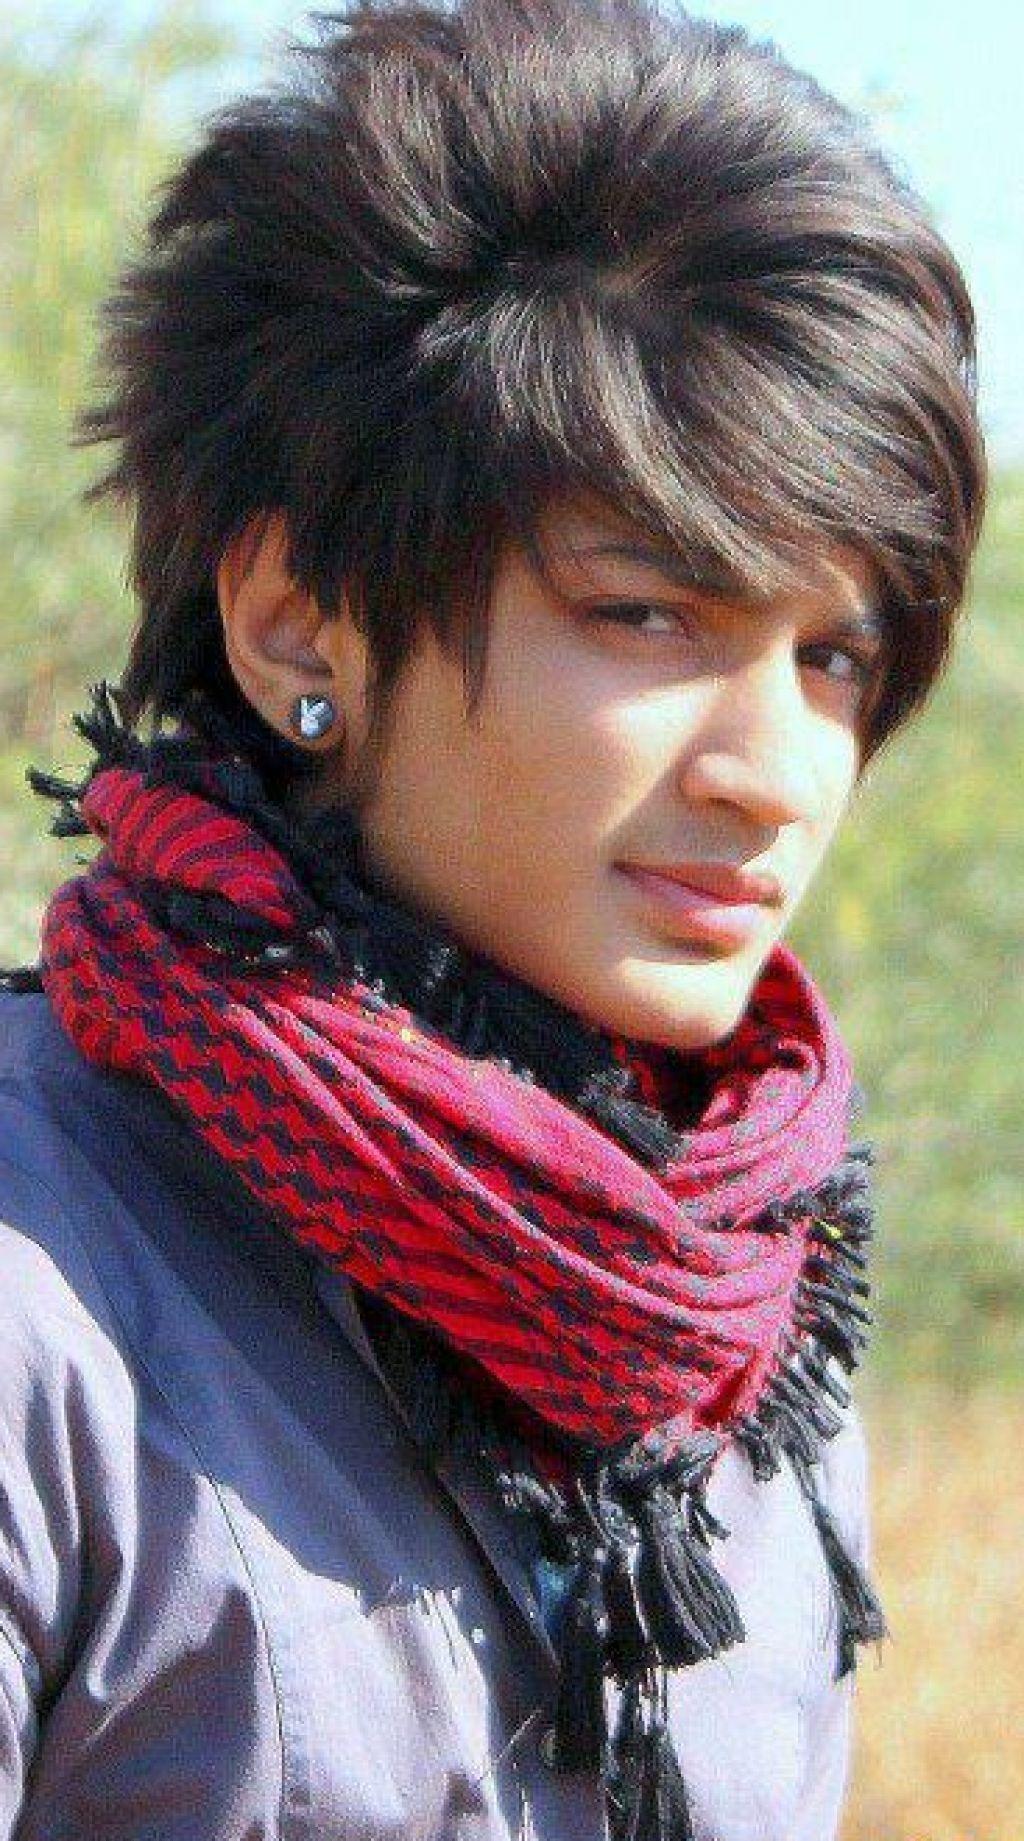 Indische Junge Lange Haare Frisuren Der Indische Junge Lange Haare Frisuren Konnen Sie Sich Sie Ihre Wahl Bei Der Entwicklung Frisuren Haare Jungs Lange Haare